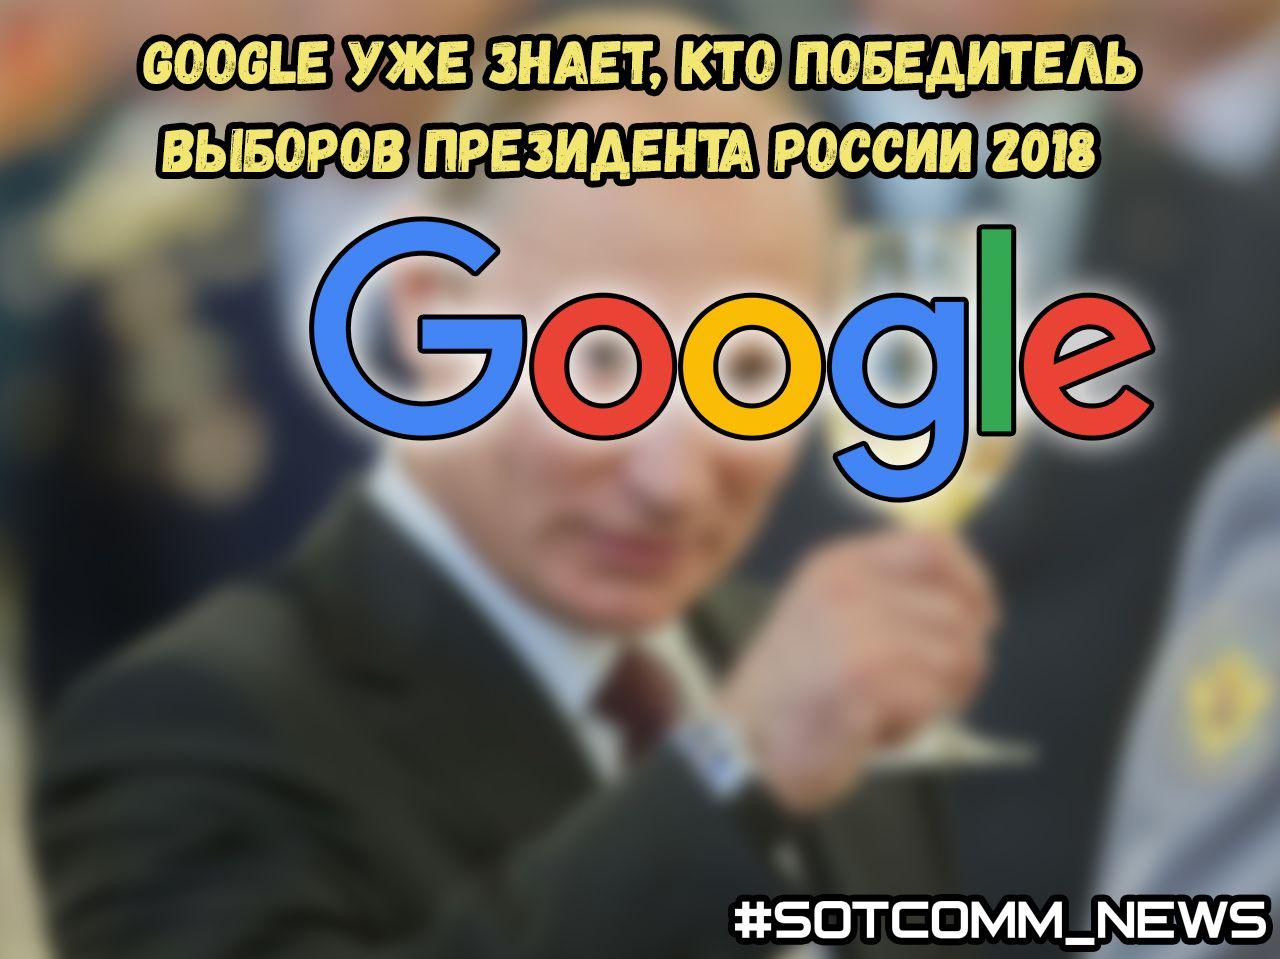 Google уже знает, кто победитель выборов президента России 2018